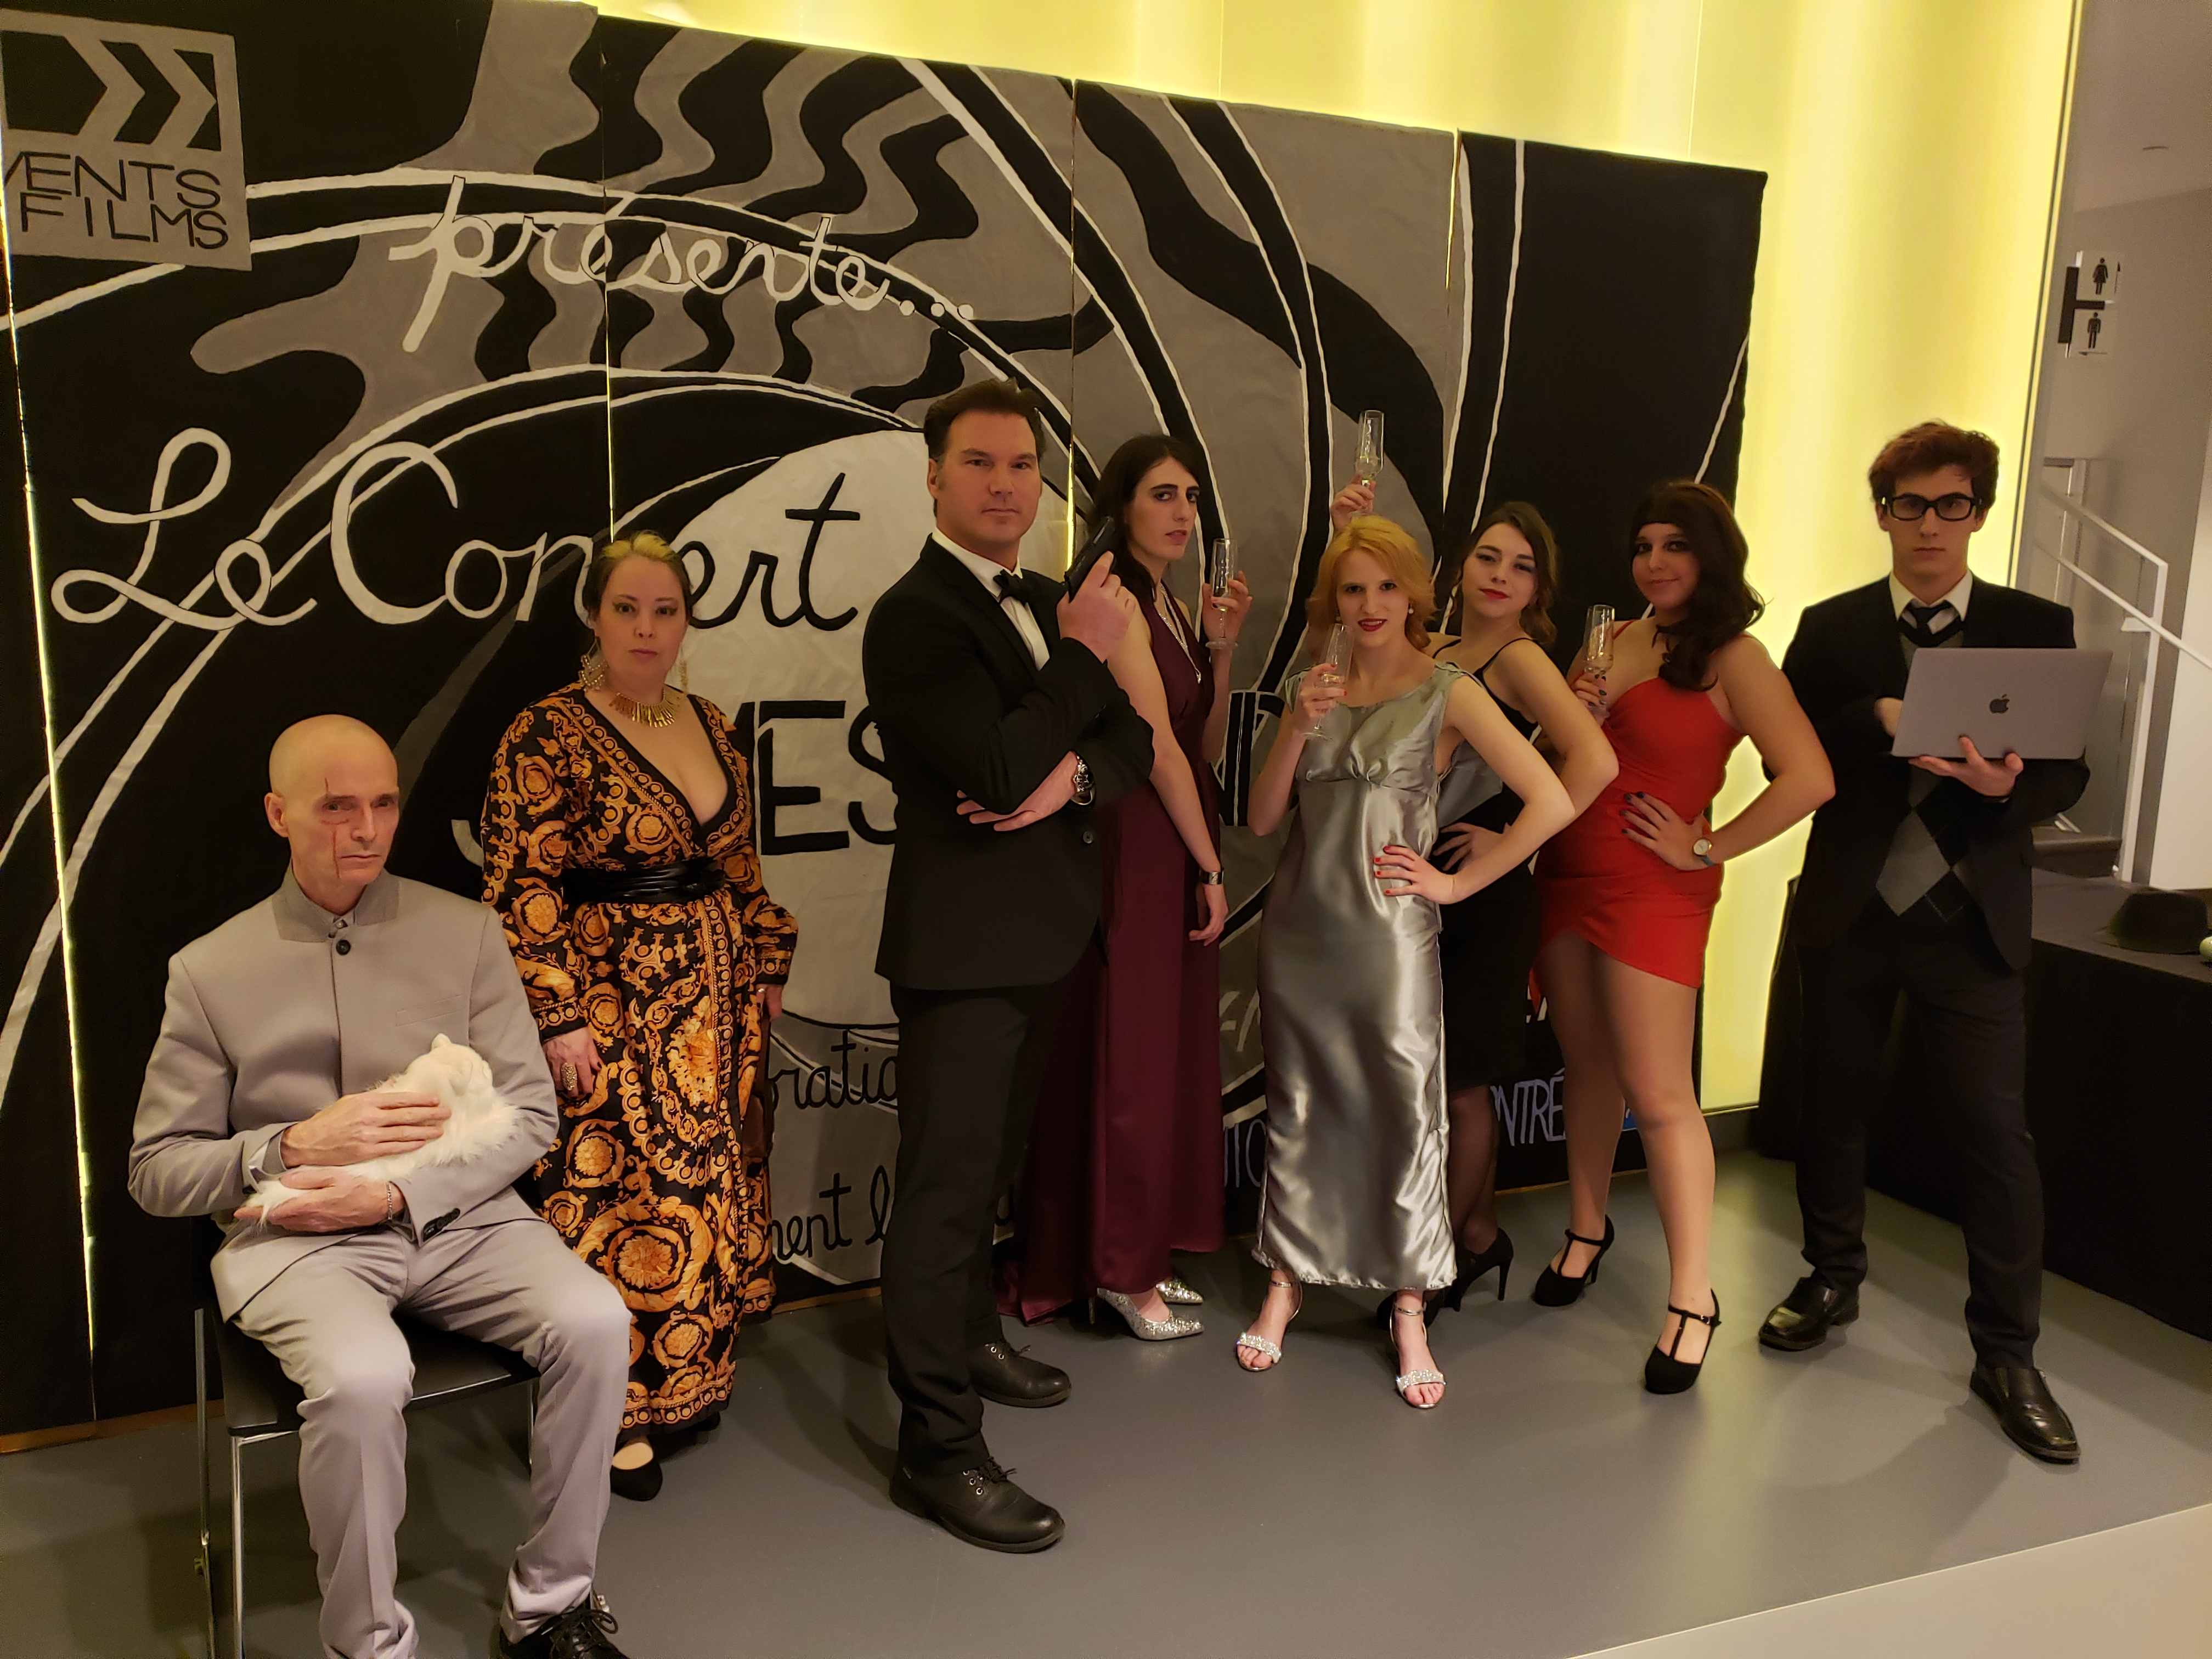 Les spectateurs avaient l'occasion de se faire prendre en photo avec des cosplayers professionnels avant et après le concert.